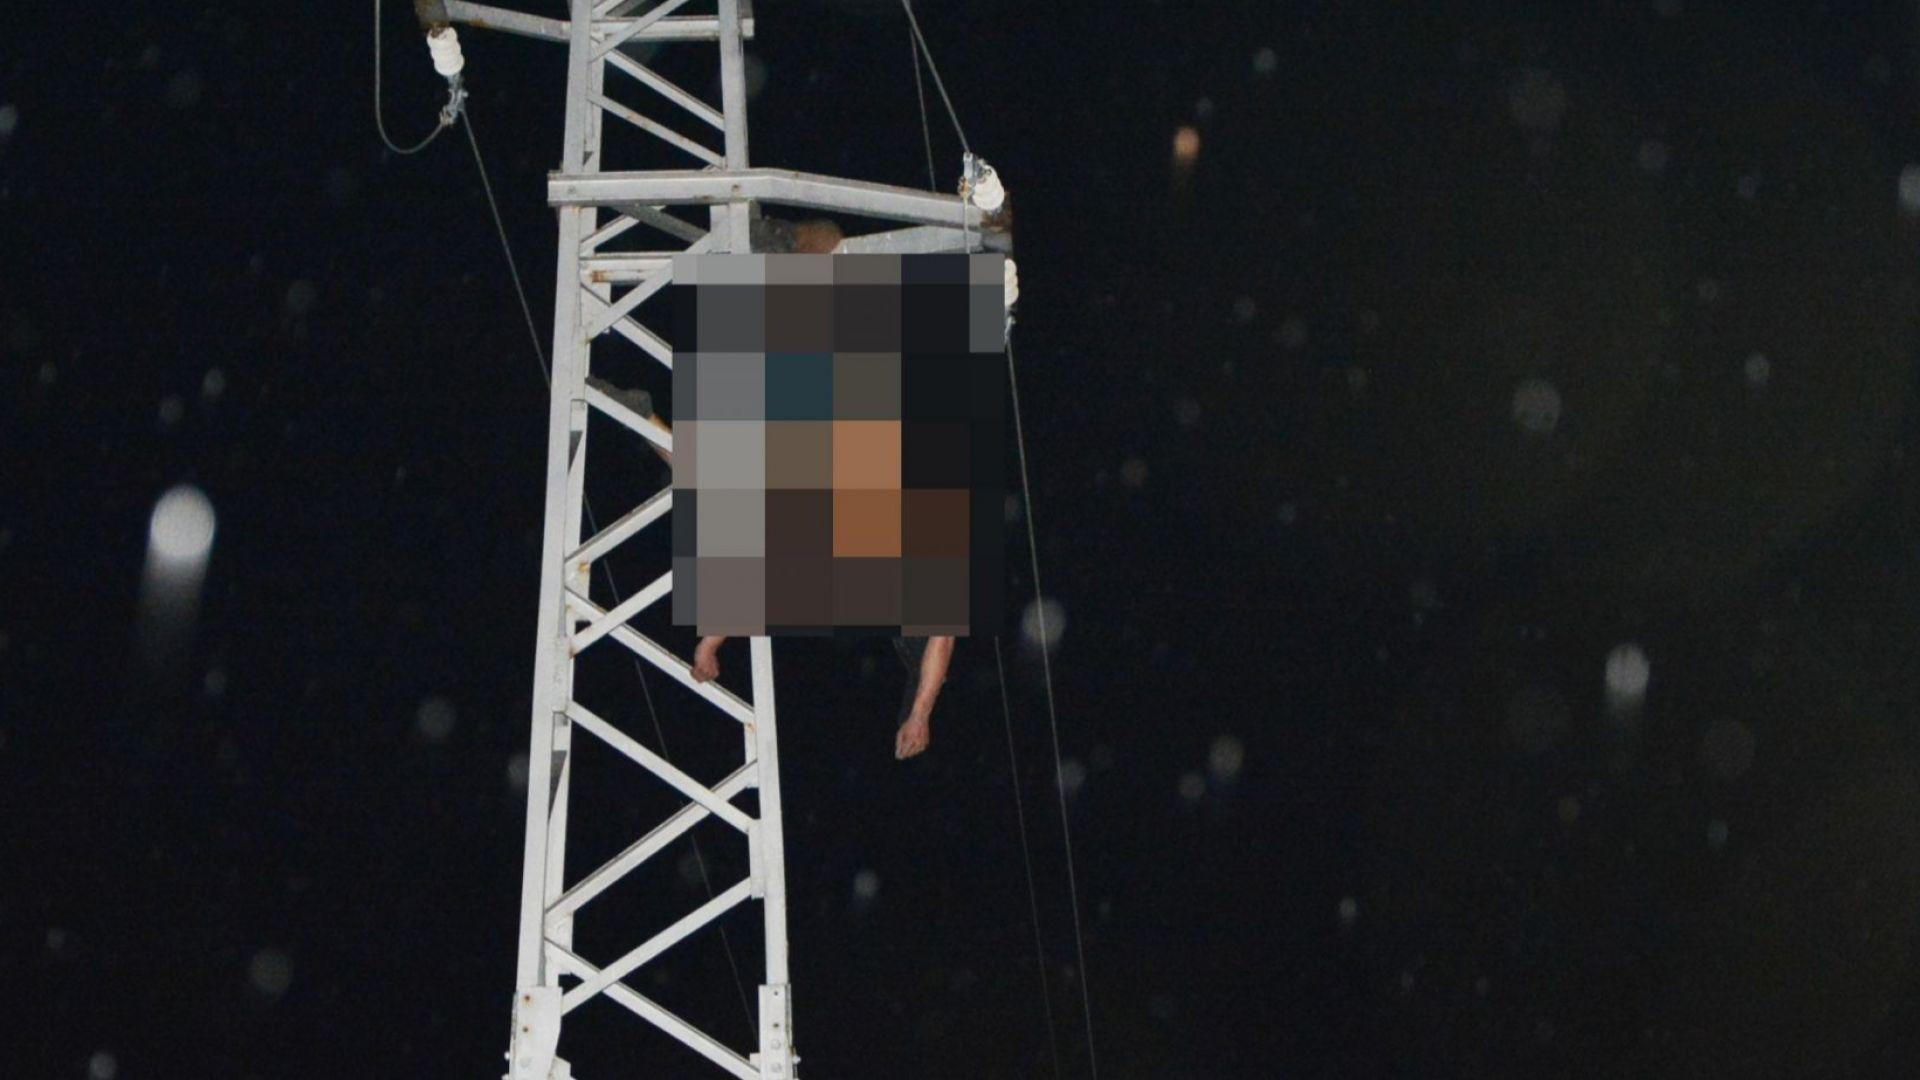 Откриха тялото на млад мъж на електрически стълб за високо напрежение